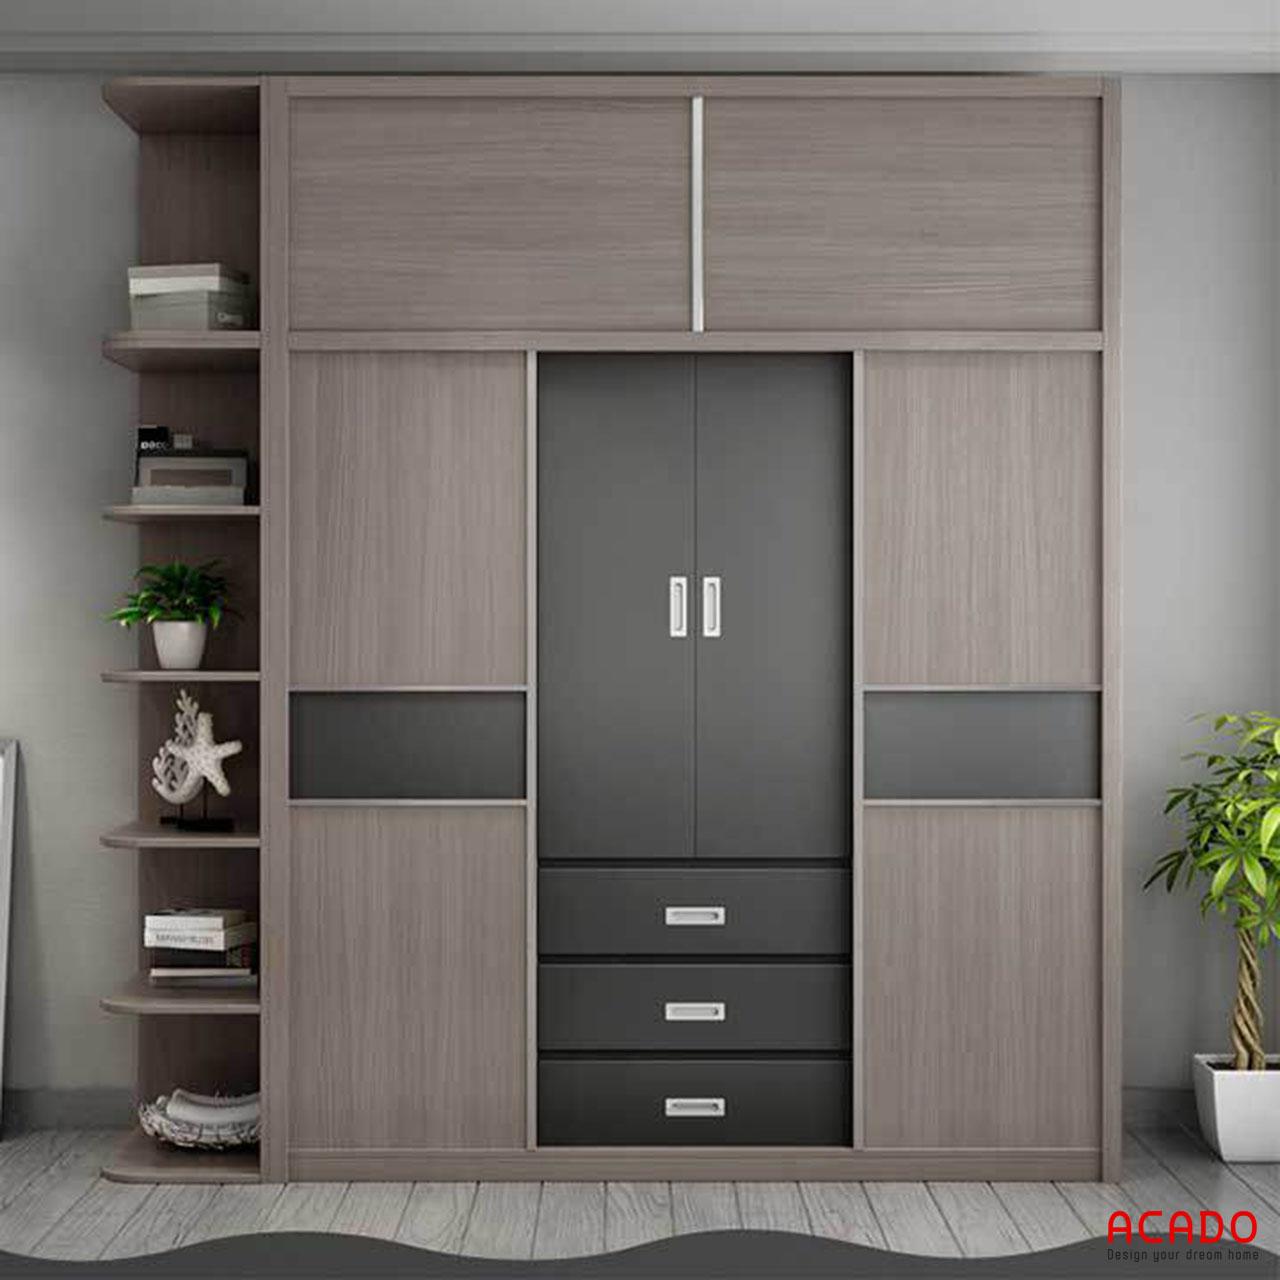 Tủ quần áo laminate có kết hợp các đợt trang trí - nội thất Acado